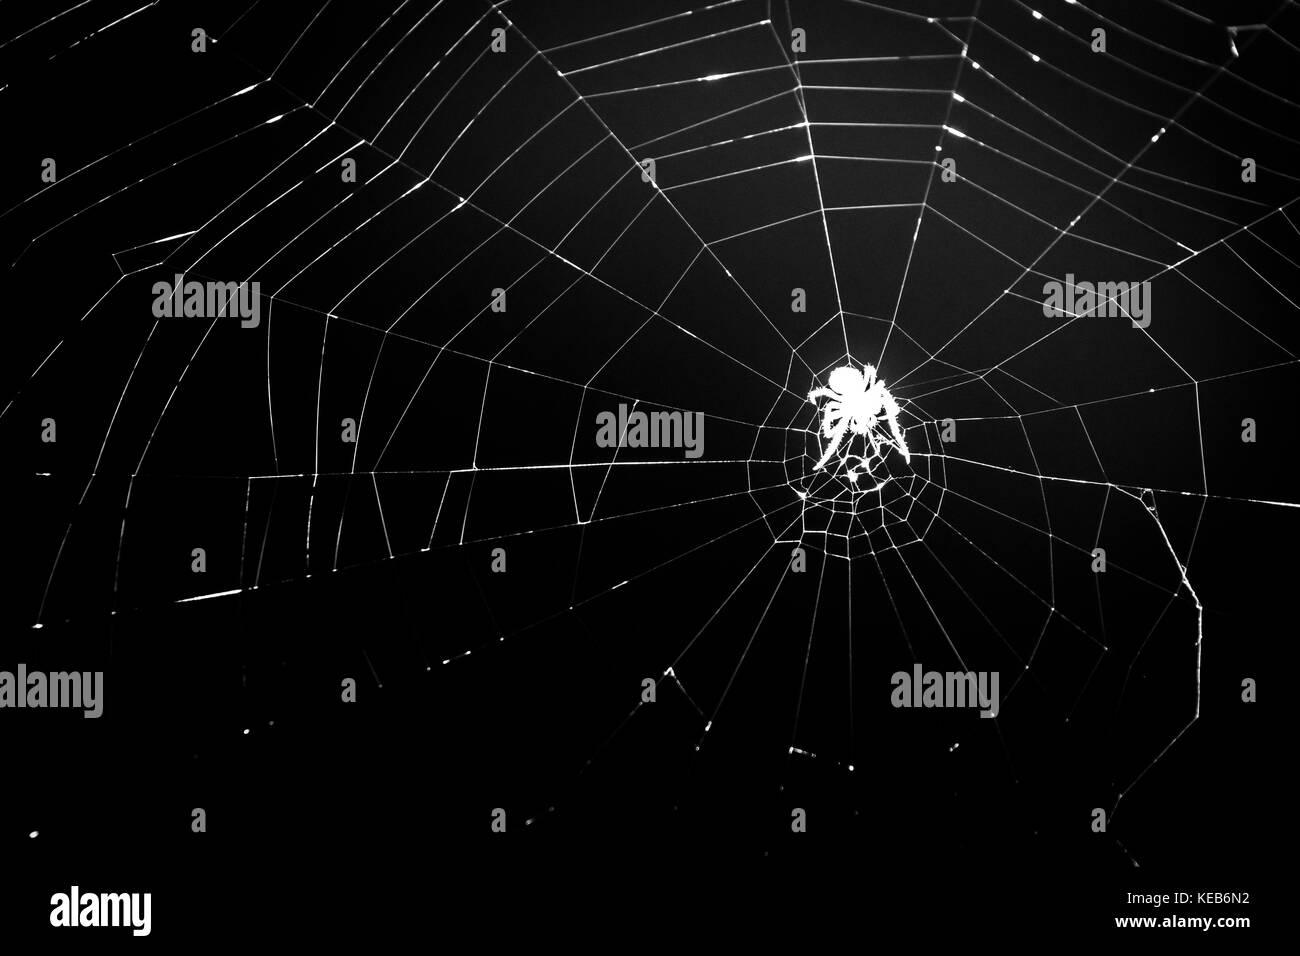 Spinnennetz Weiß Schwarz Spiderweb Halloween Horror Grusel Deko 2018